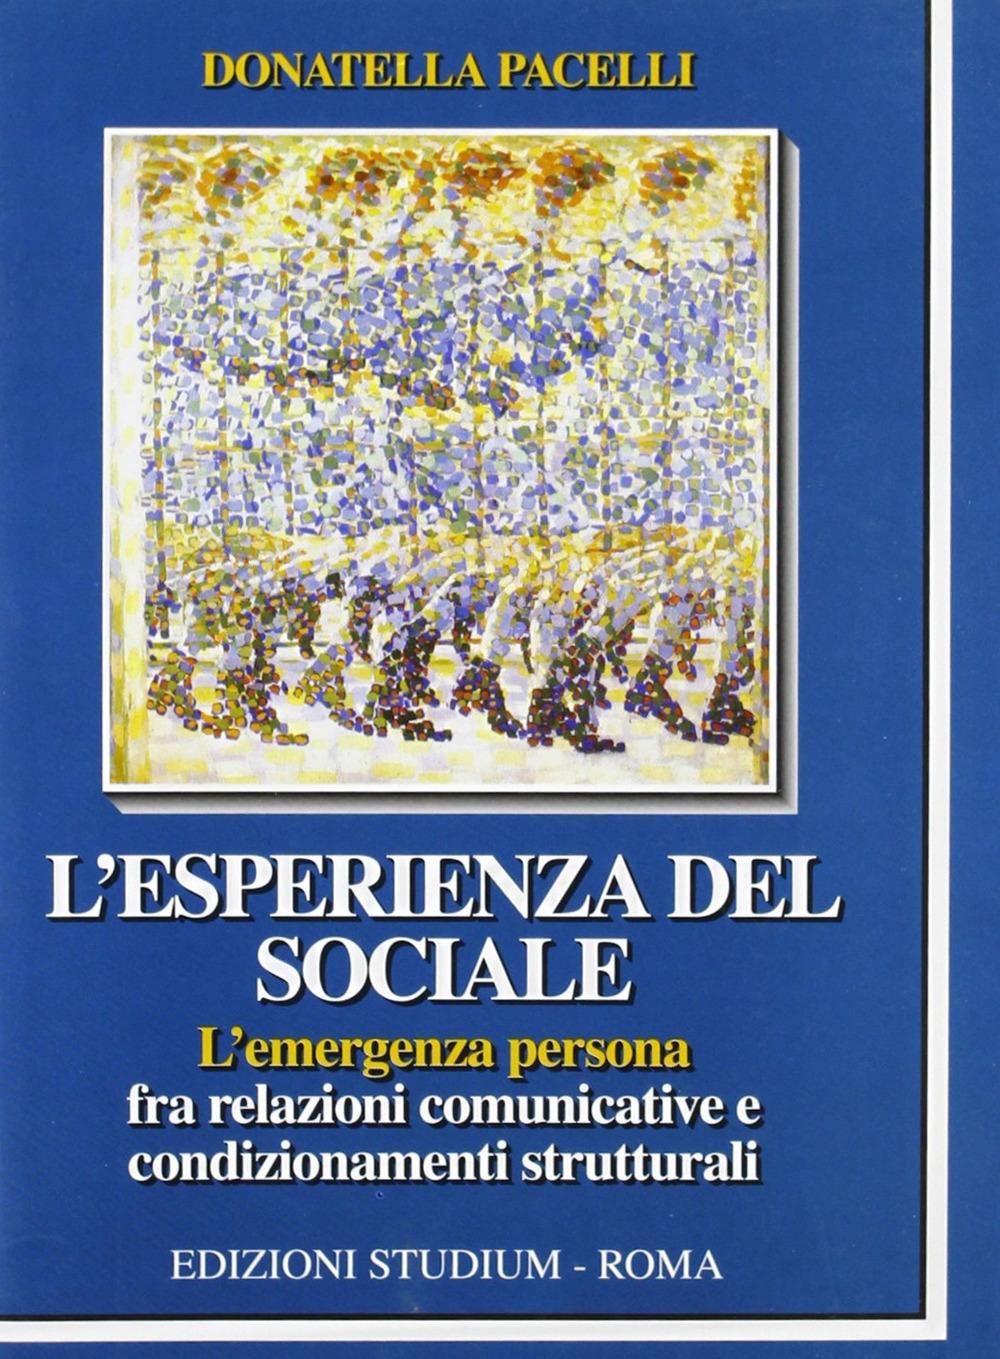 L'esperienza del sociale. L'emergenza persona fra relazioni comunicative e condizionamenti strutturali